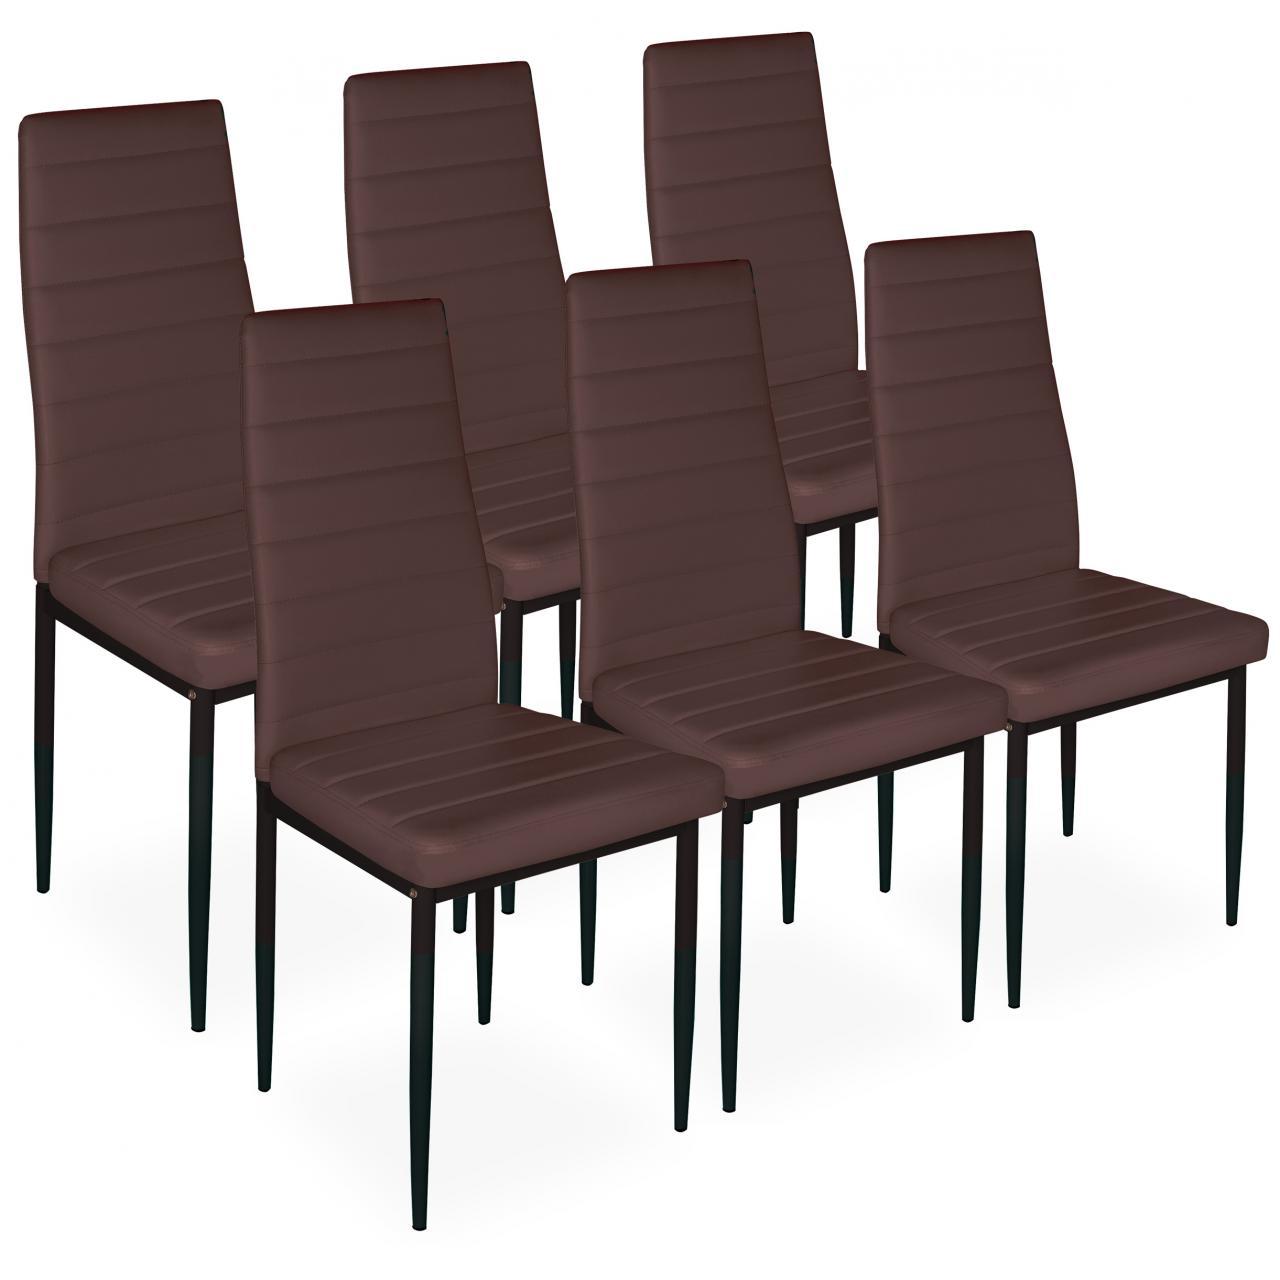 HOMELUX Esszimmerstuhl 2/4/6 Stk. Stühle Küchenstuhl Essgruppe ...